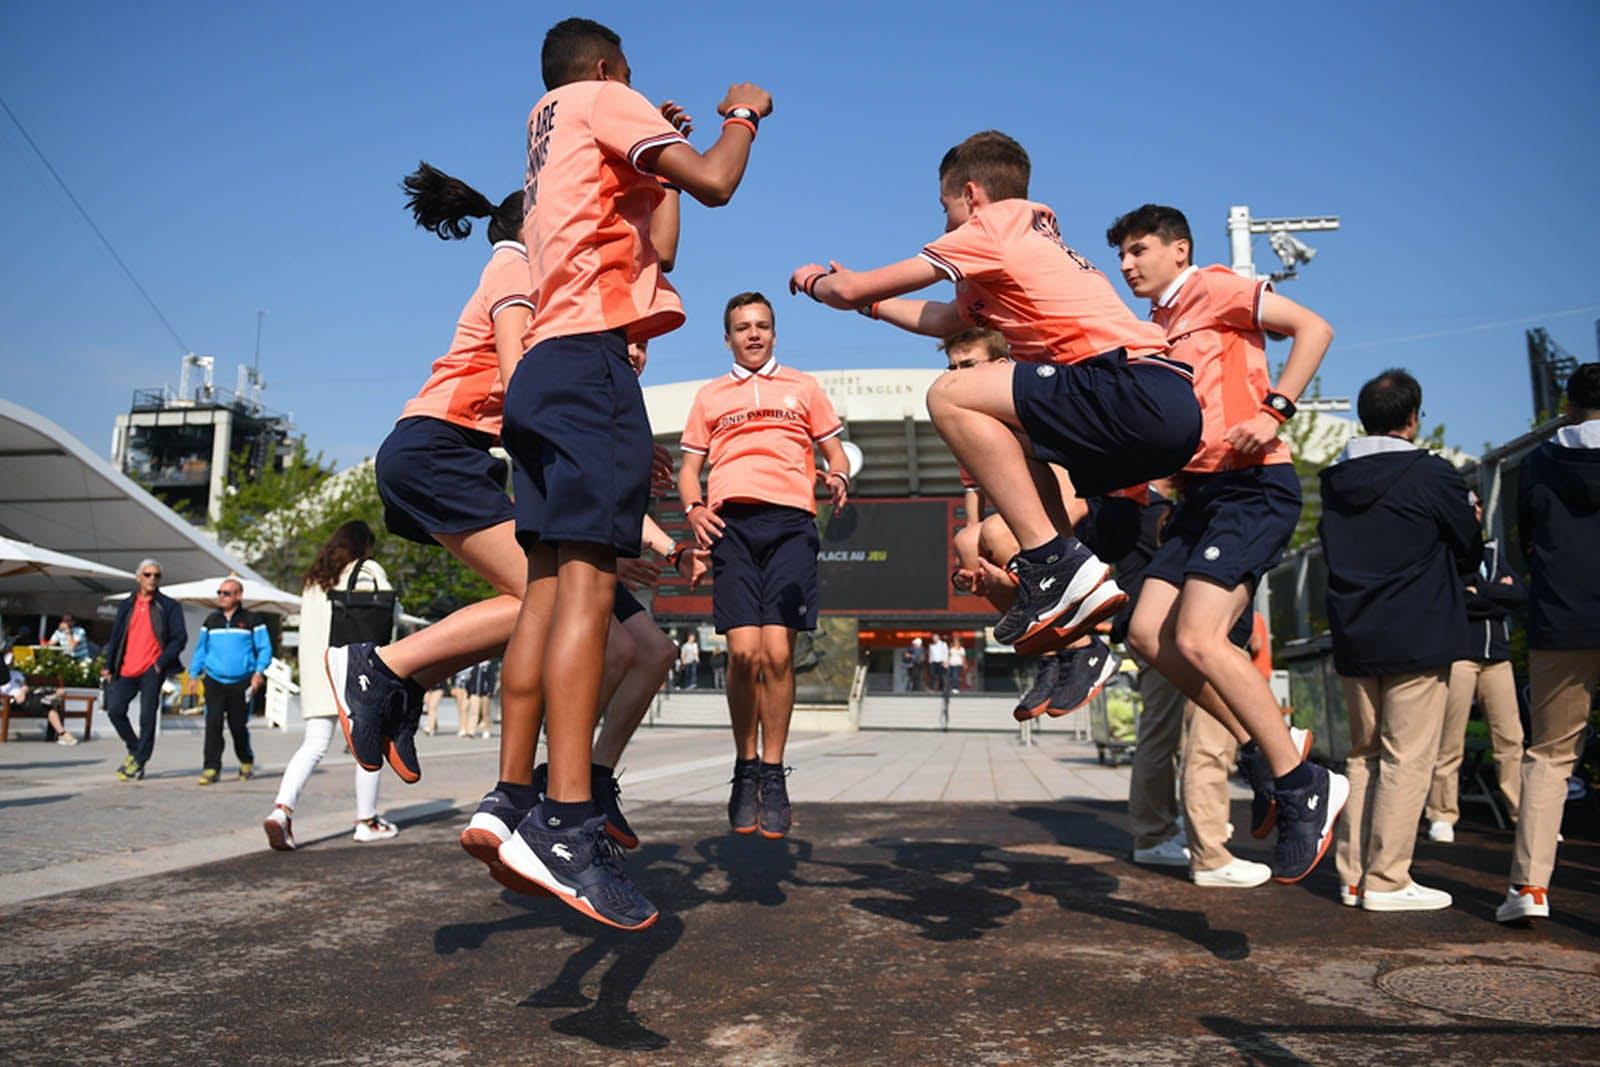 Ramasseurs de balles - Roland-Garros 2019 - Echauffement